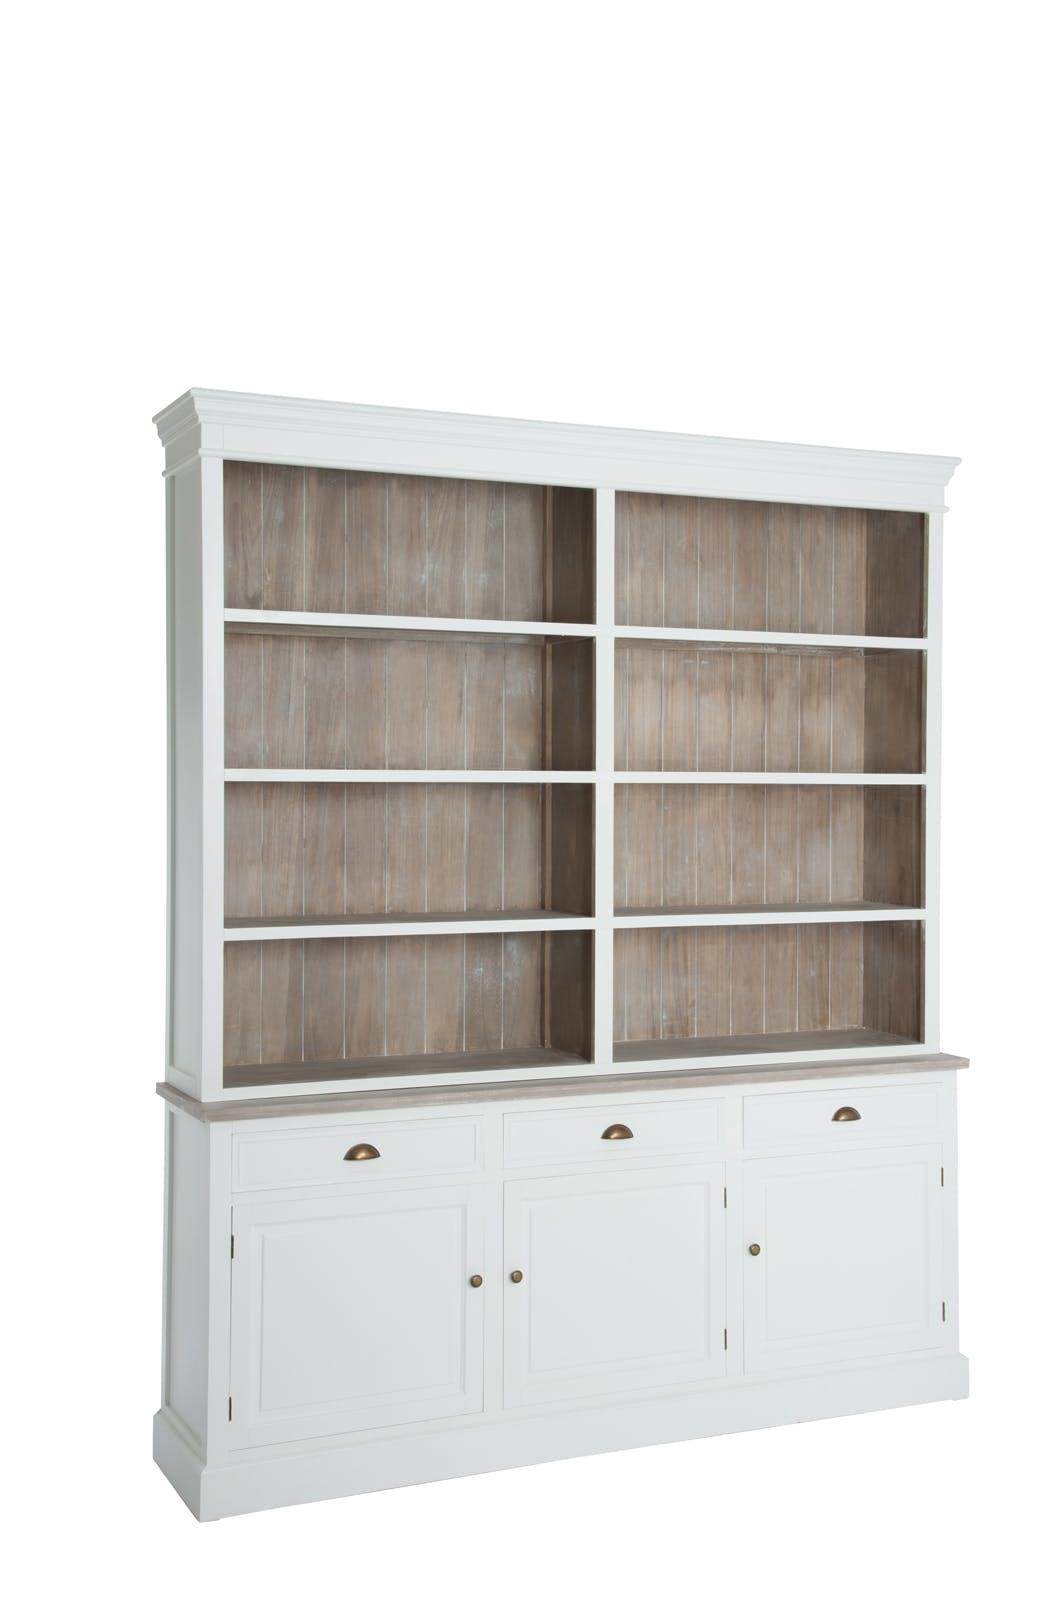 Bibliothèque en bois, 4 niveaux 3 tiroirs et 3 portes, 191x40x227cm